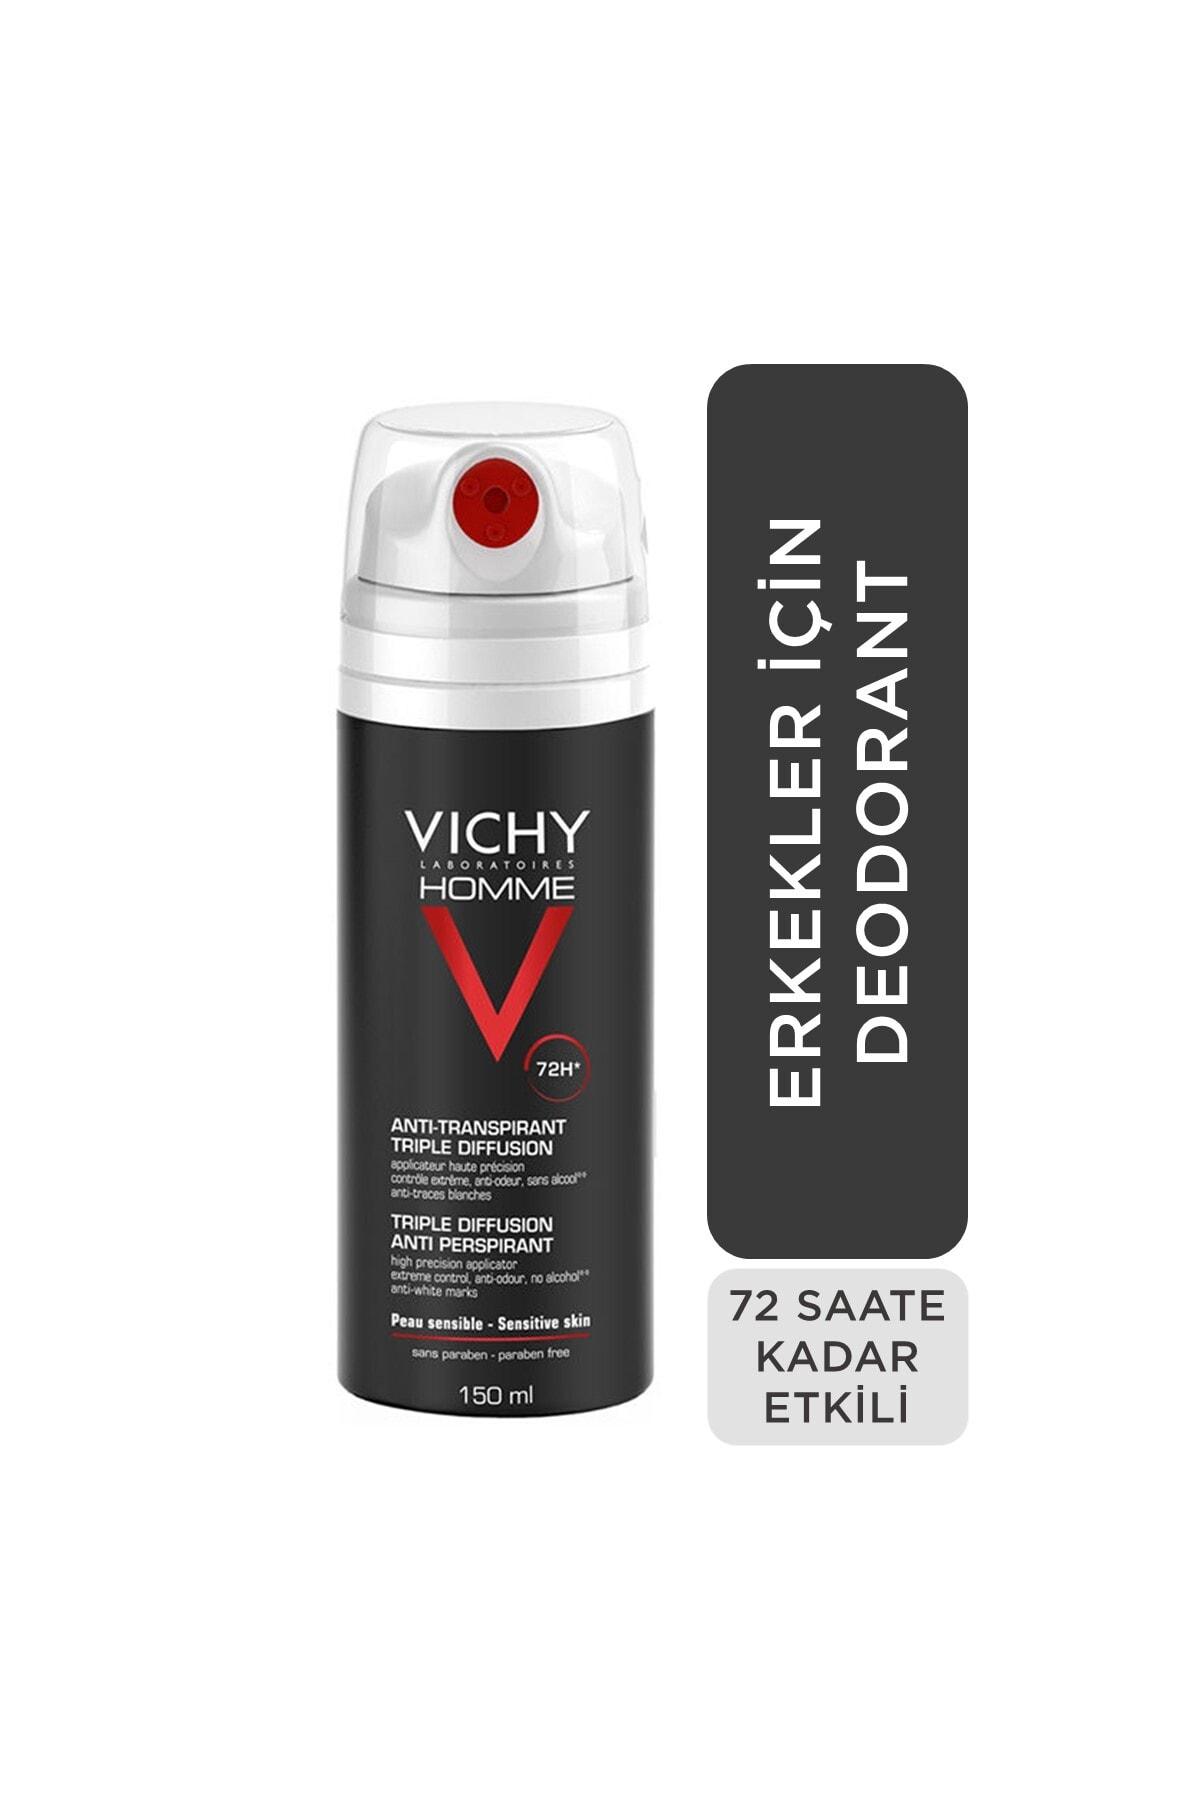 Vichy Erkekler İçin 72 Saat Terleme Karşıtı Etkili Deodorant 150 ml 3337871331405 1